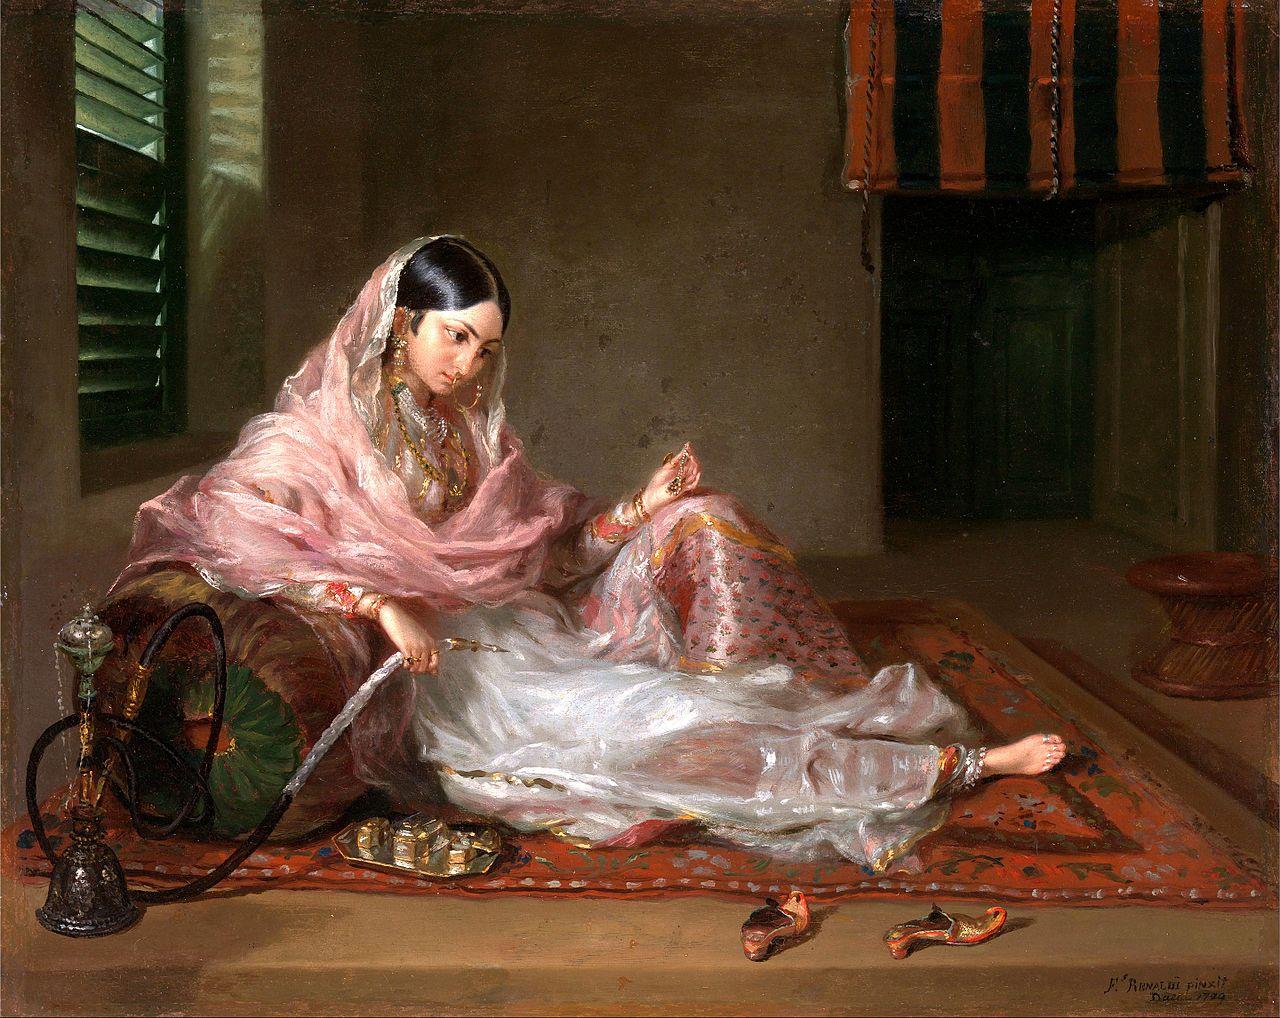 1000 wives of sultan ali 3